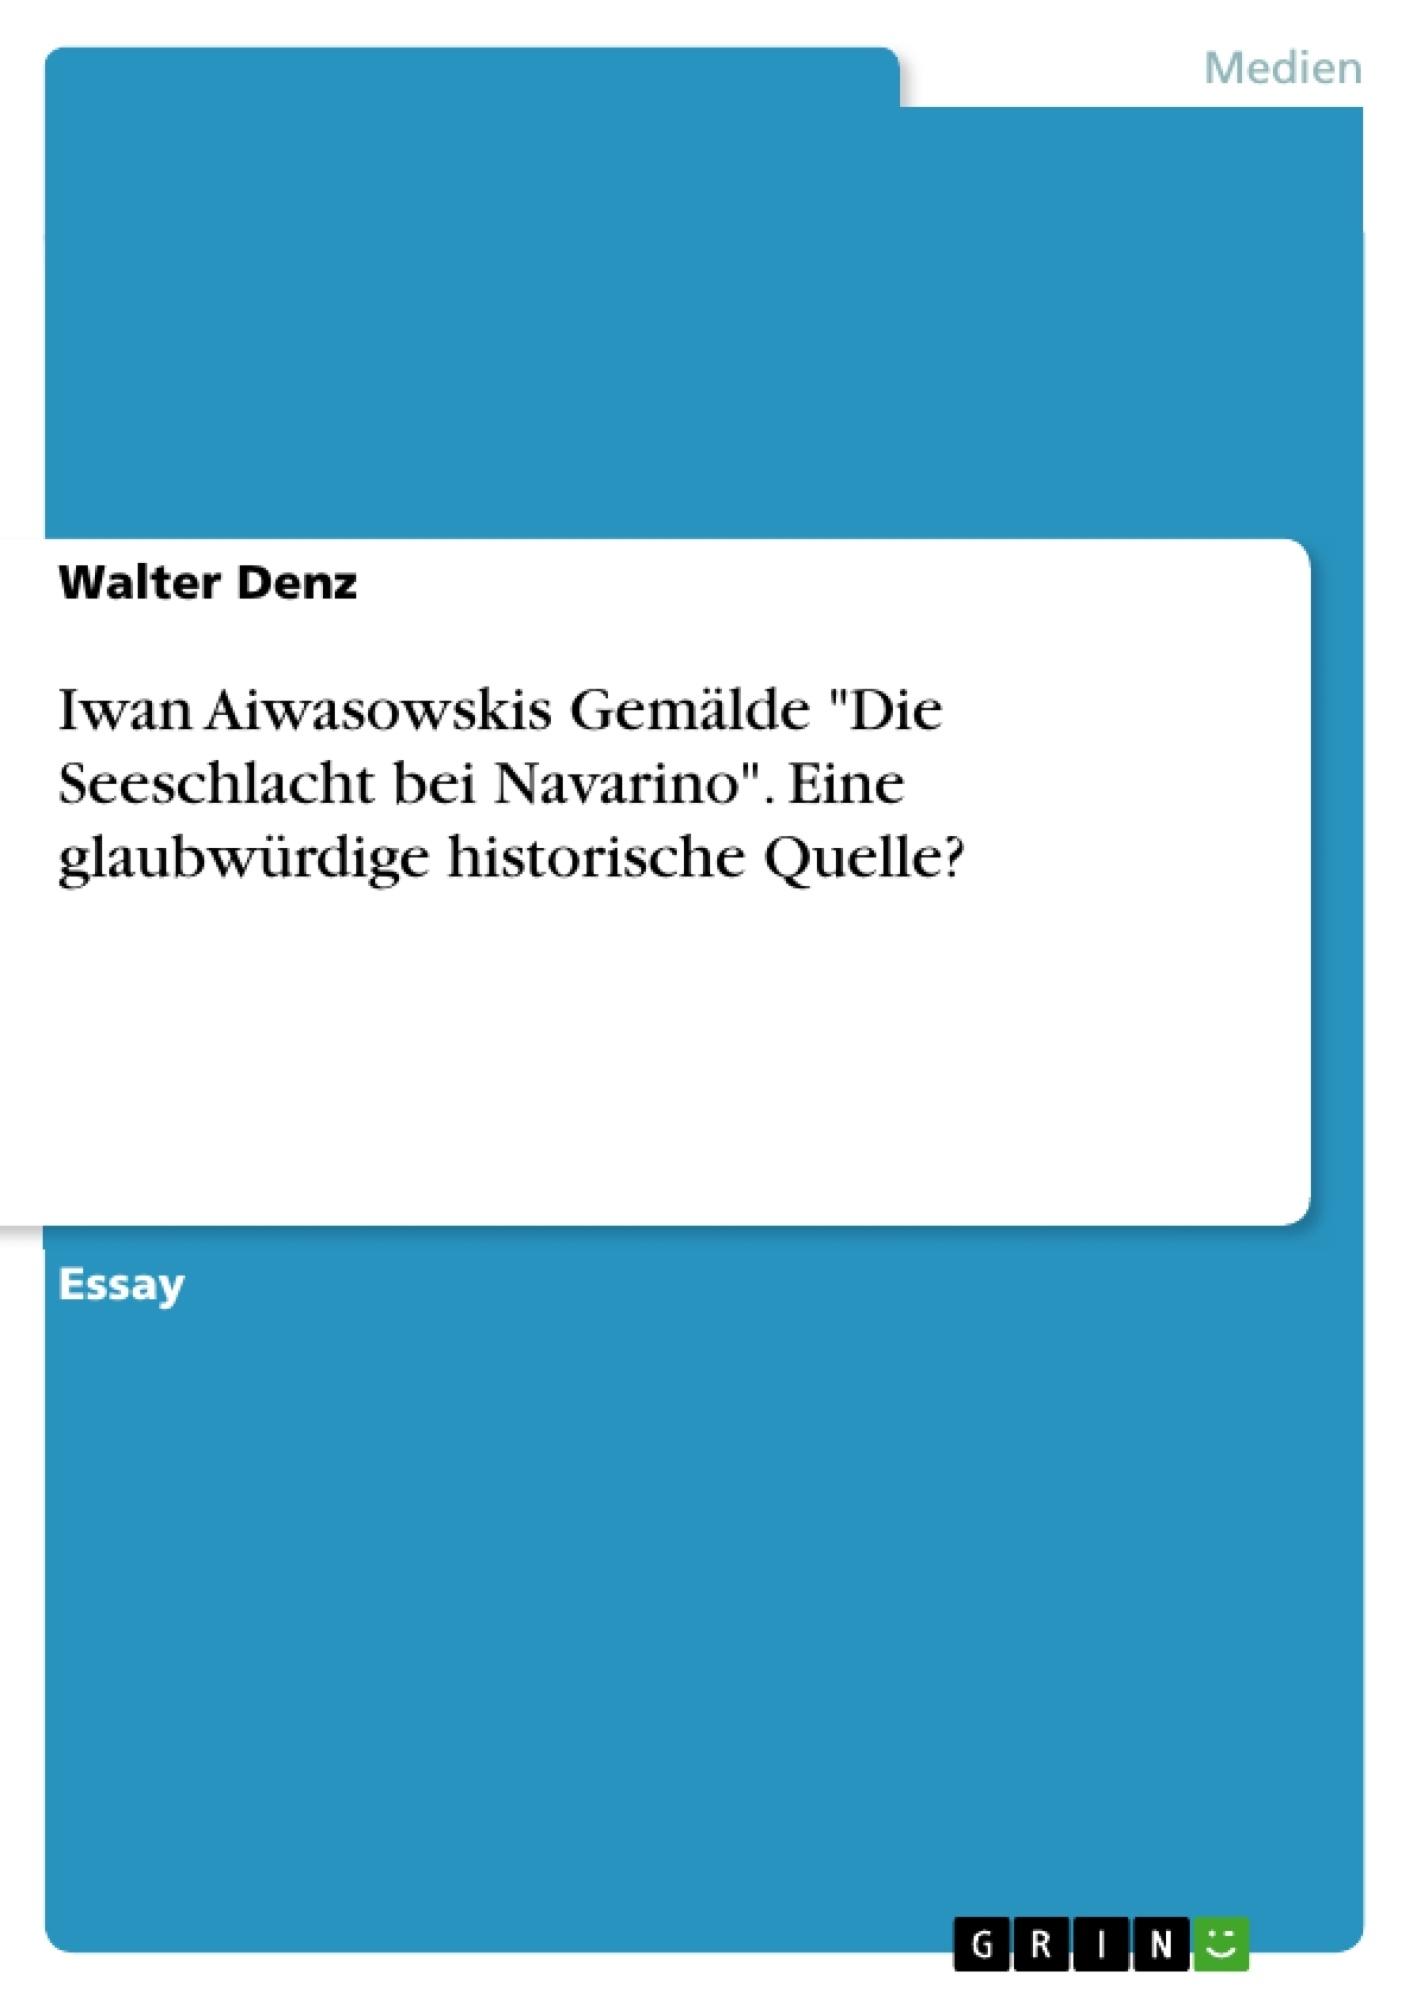 """Titel: Iwan Aiwasowskis Gemälde """"Die Seeschlacht bei Navarino"""". Eine glaubwürdige historische Quelle?"""